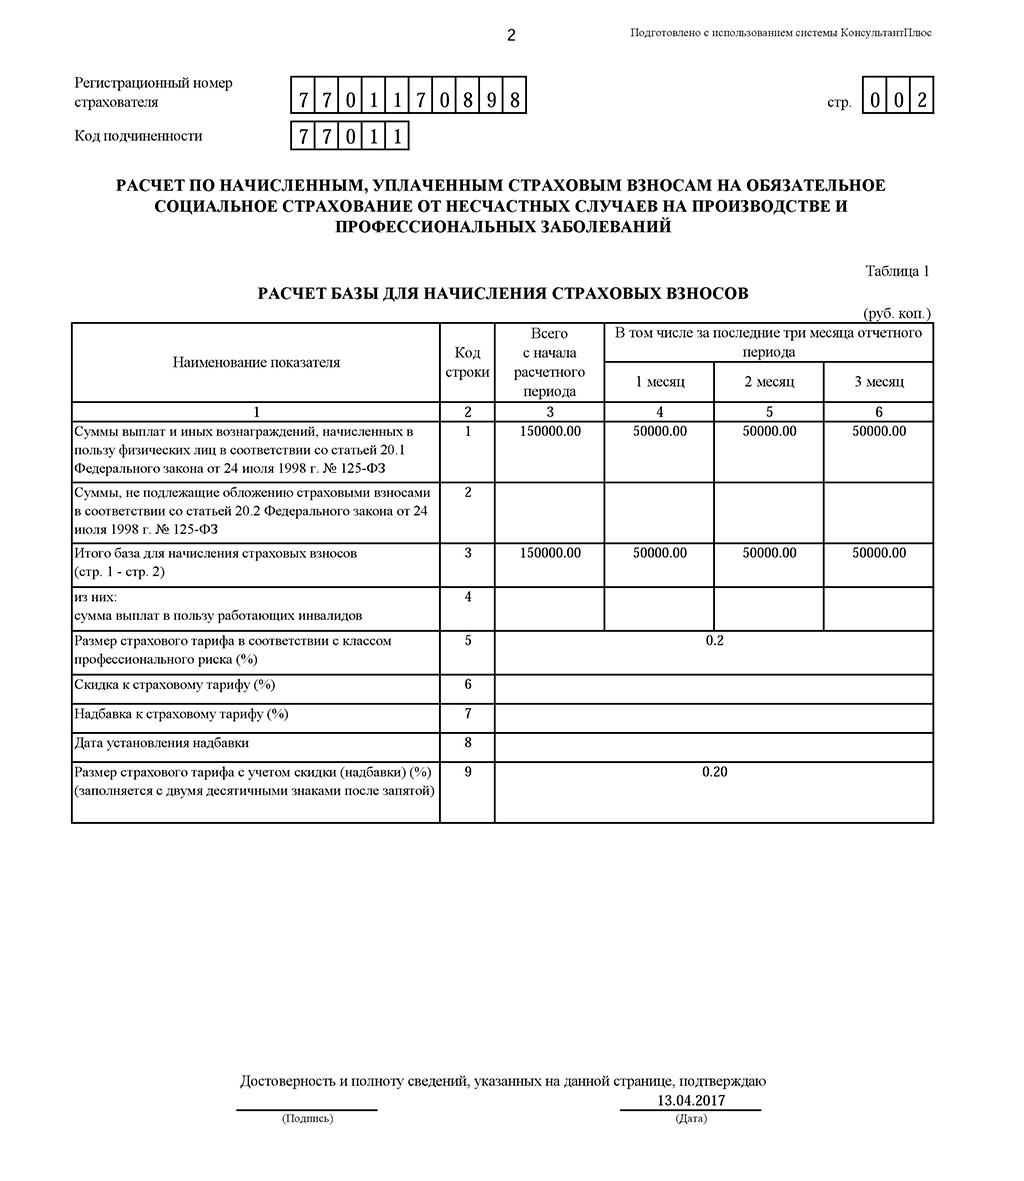 заполнения таблицы 2 формы 4-фсс образец